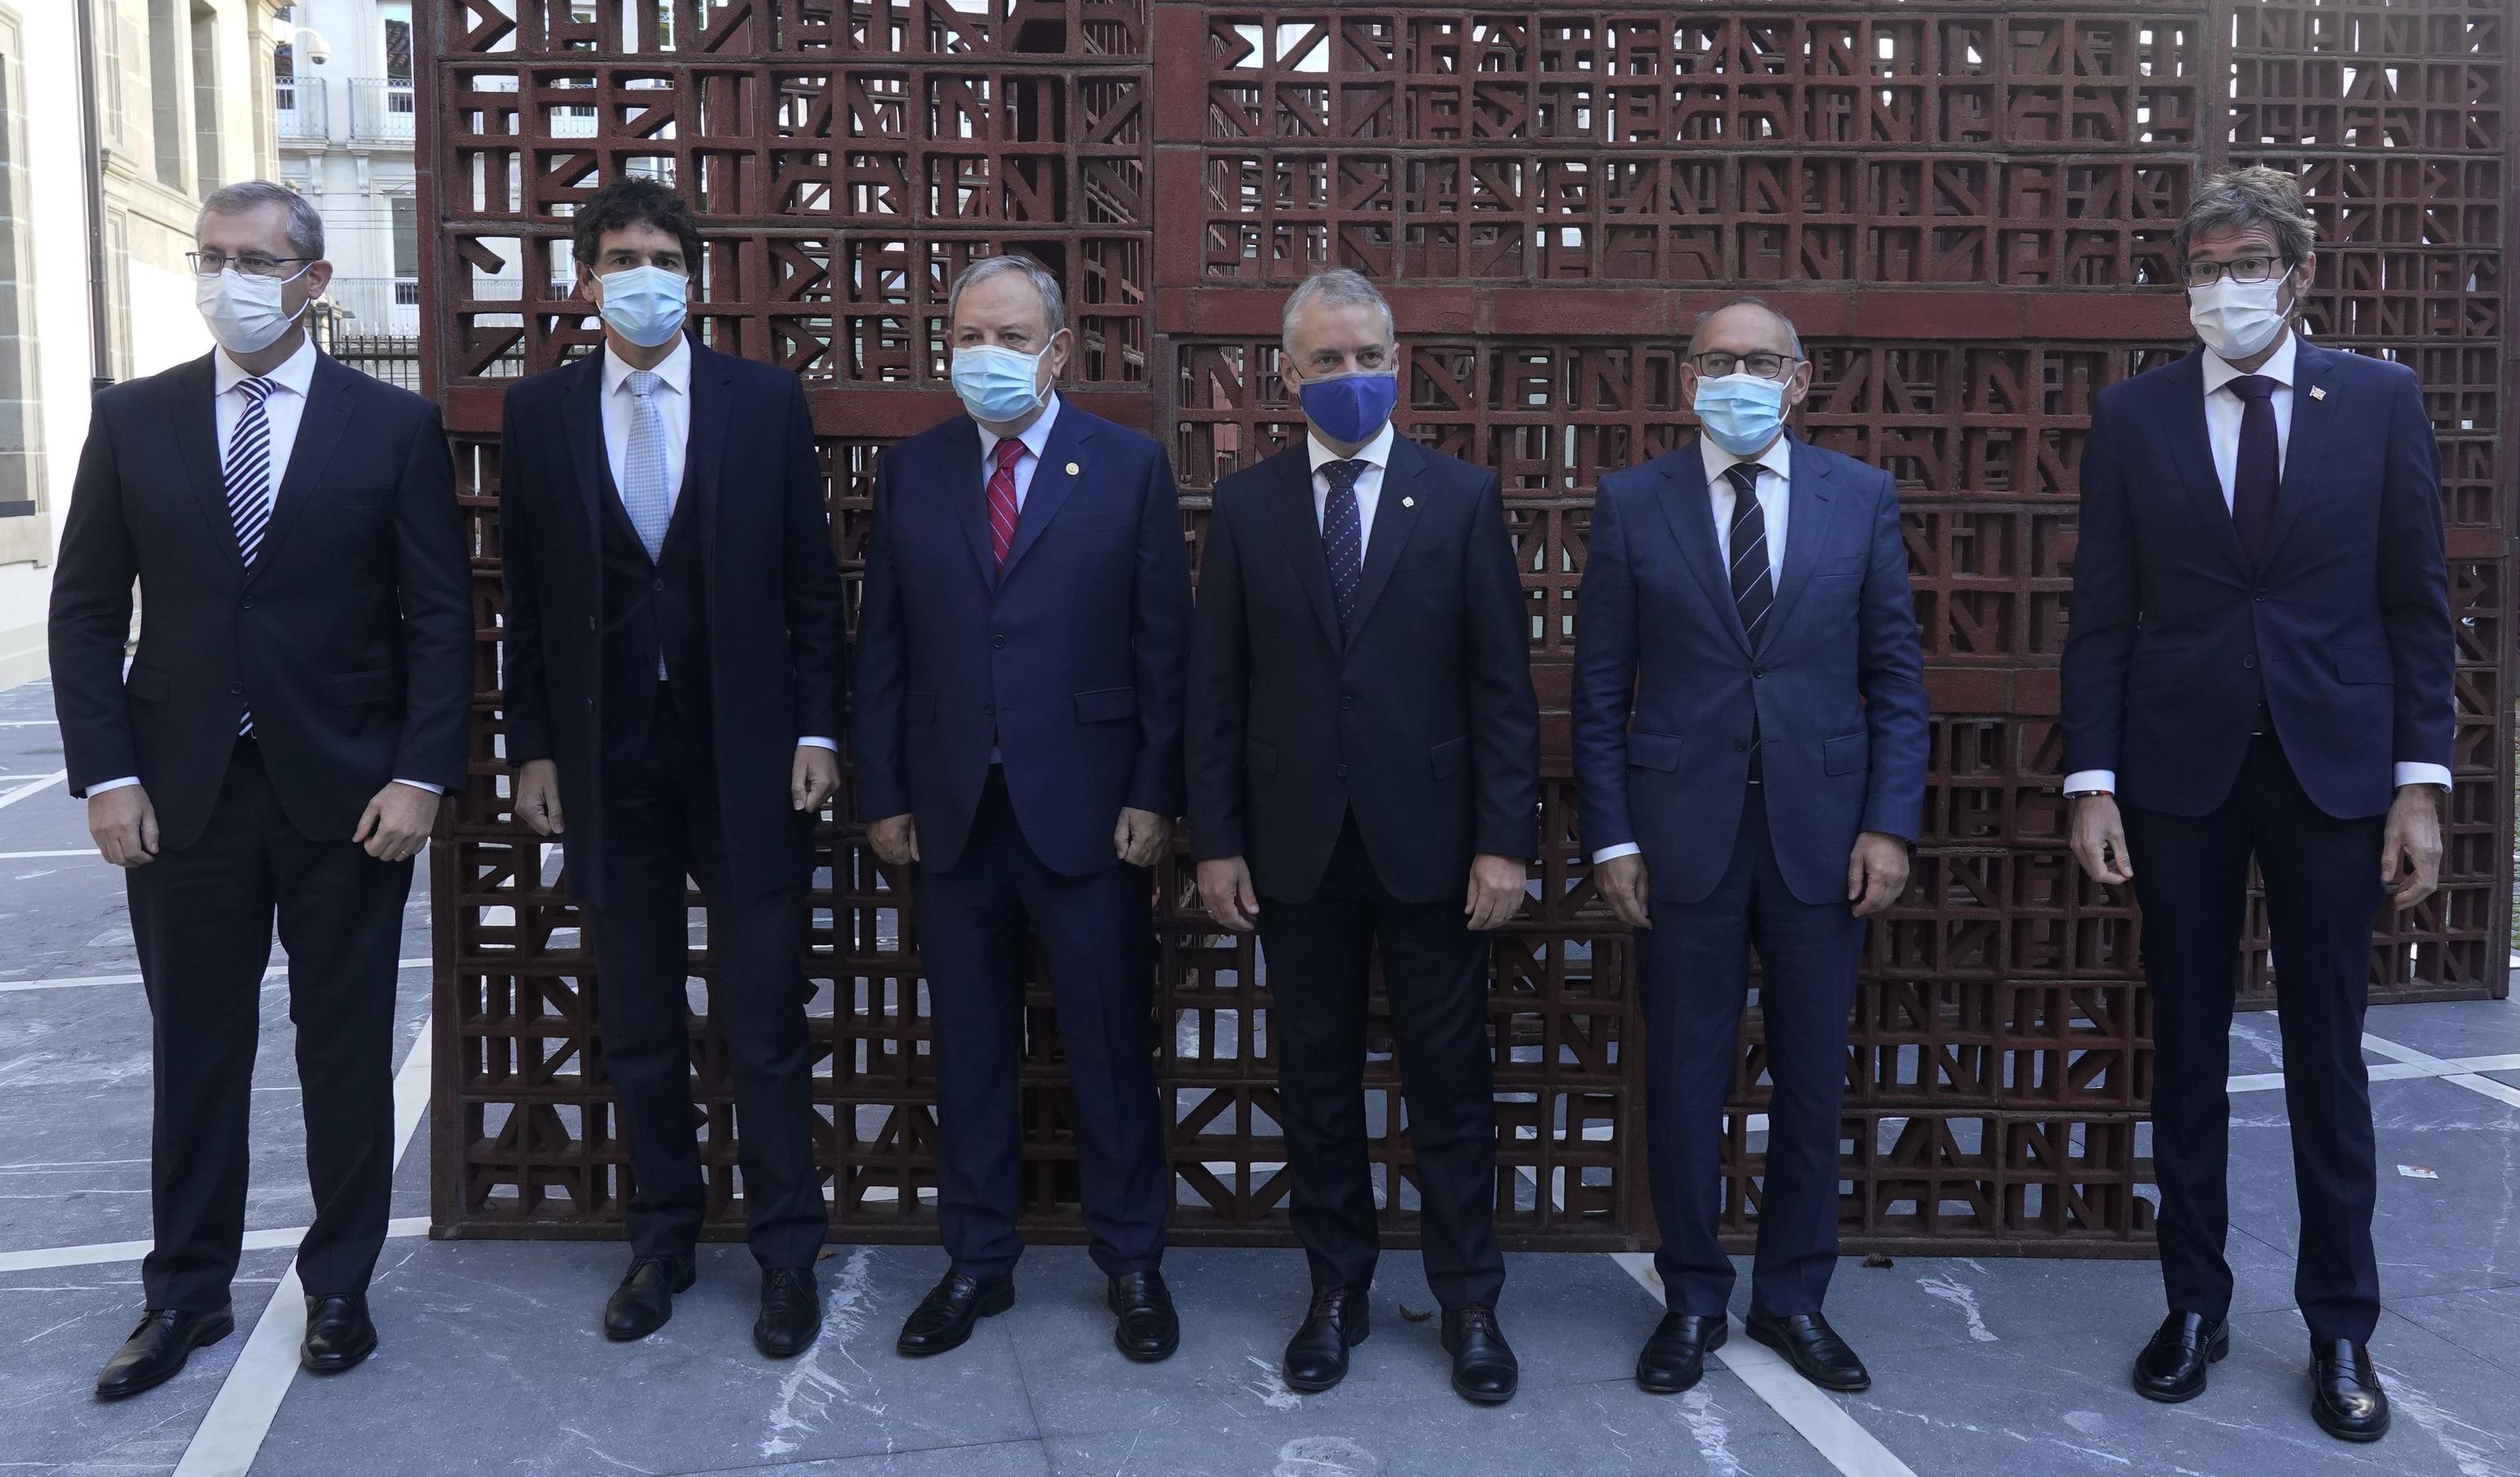 Le lehendakari pose avec les trois députés généraux et le maire de Vitoria après l'approbation